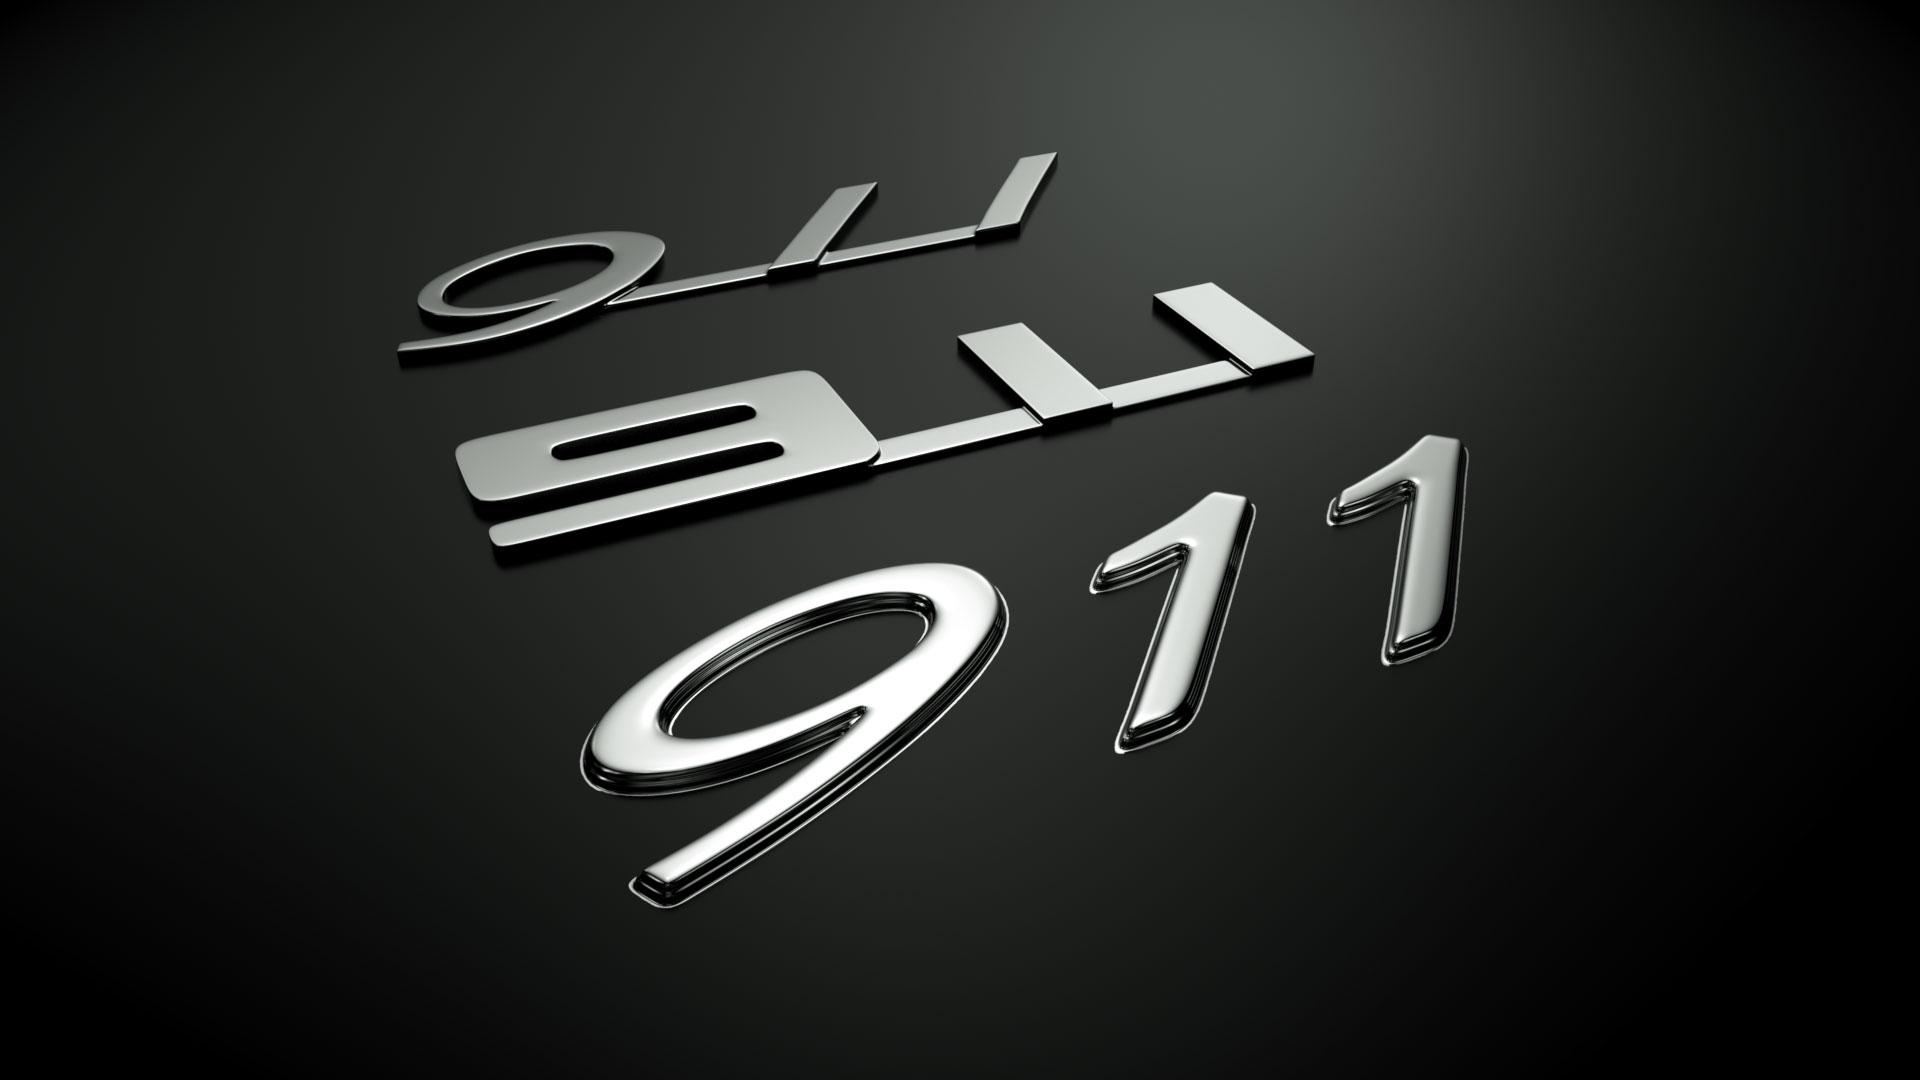 2017_911_Badges_c05_Main_.jpg